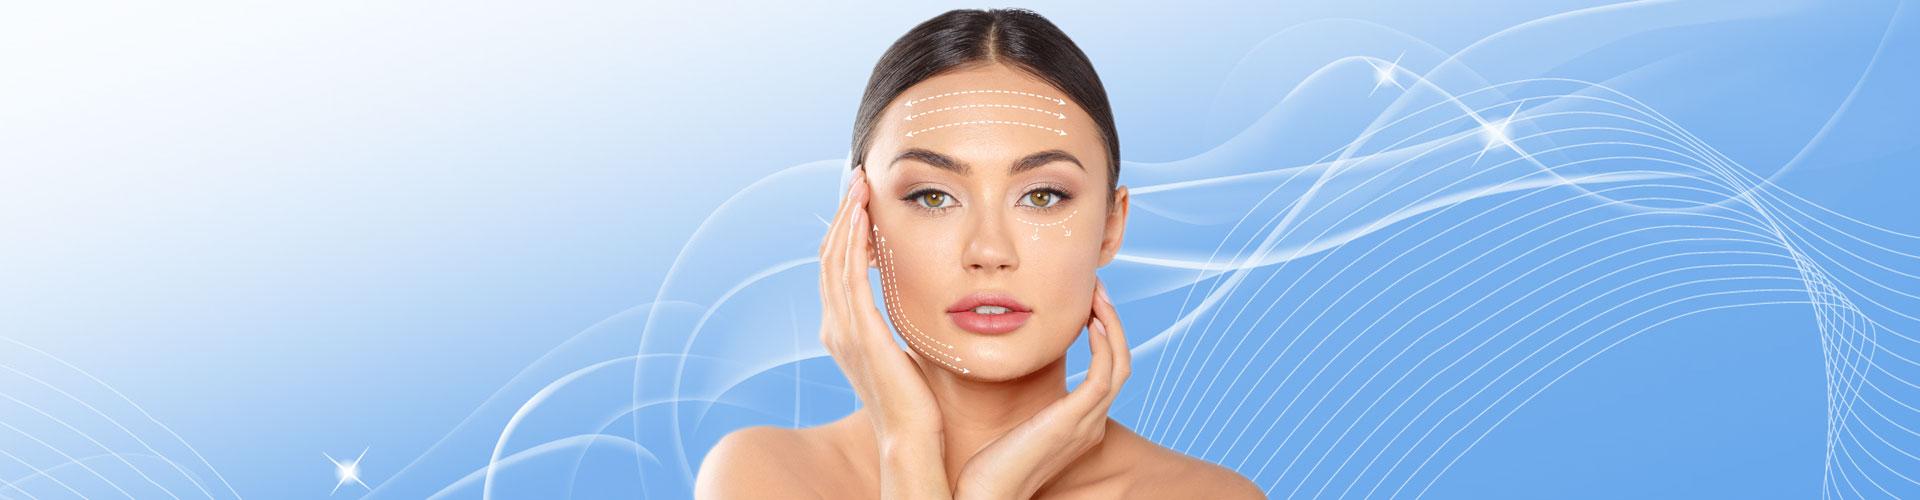 Лифтинг 4D мезонитями КОГИ со скидкой в Beauty Medicine